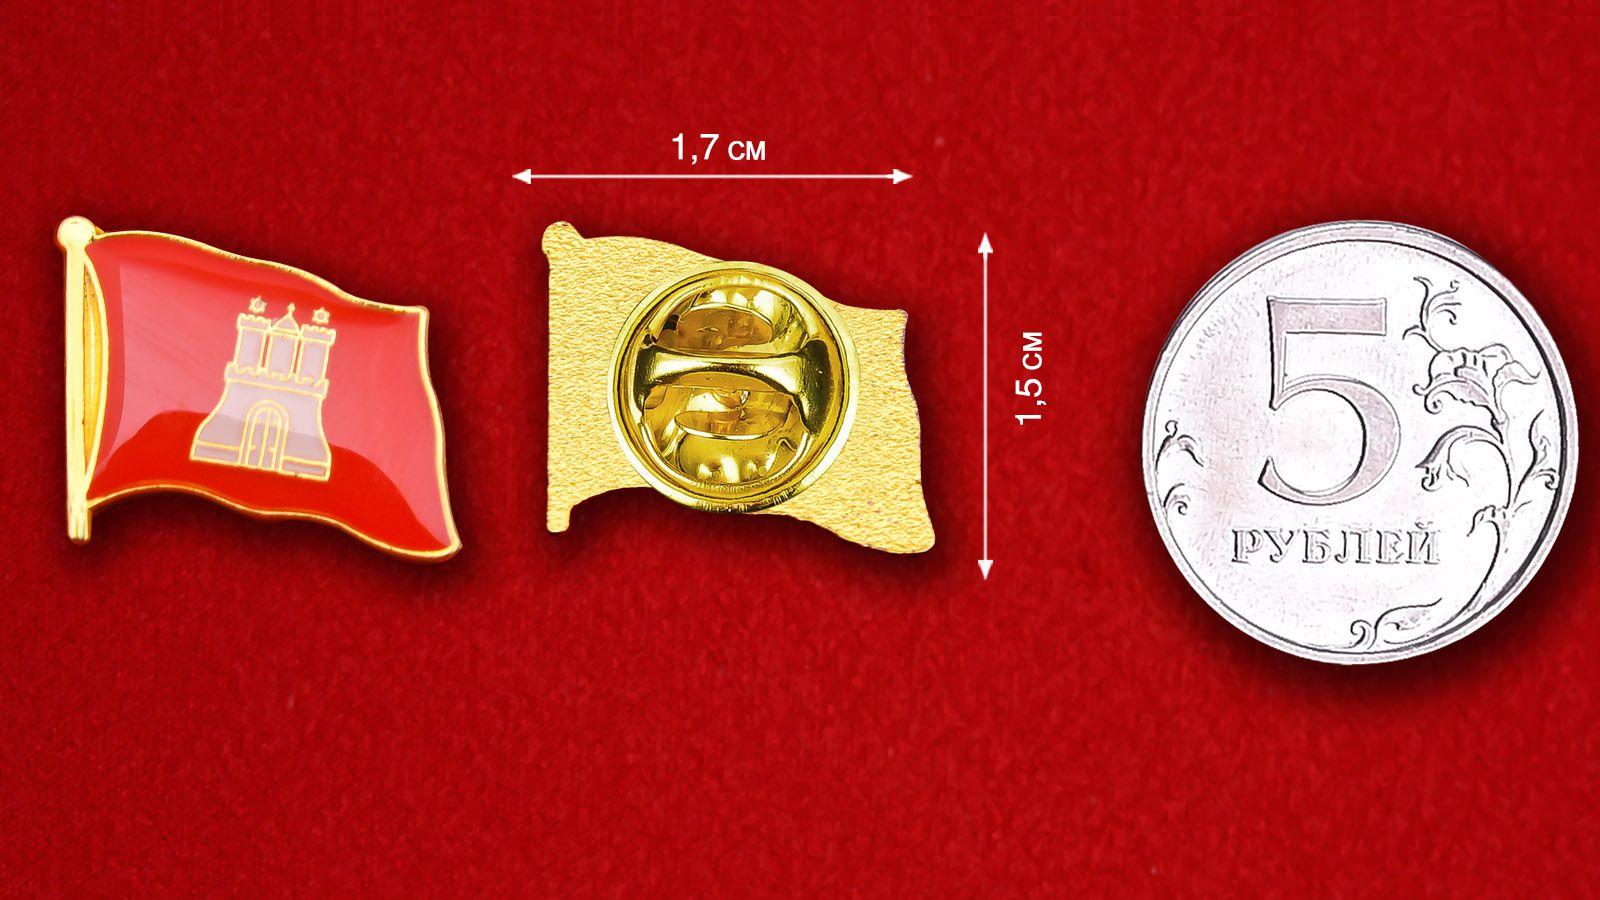 Значок Флага Гамбурга - сравнительный размер